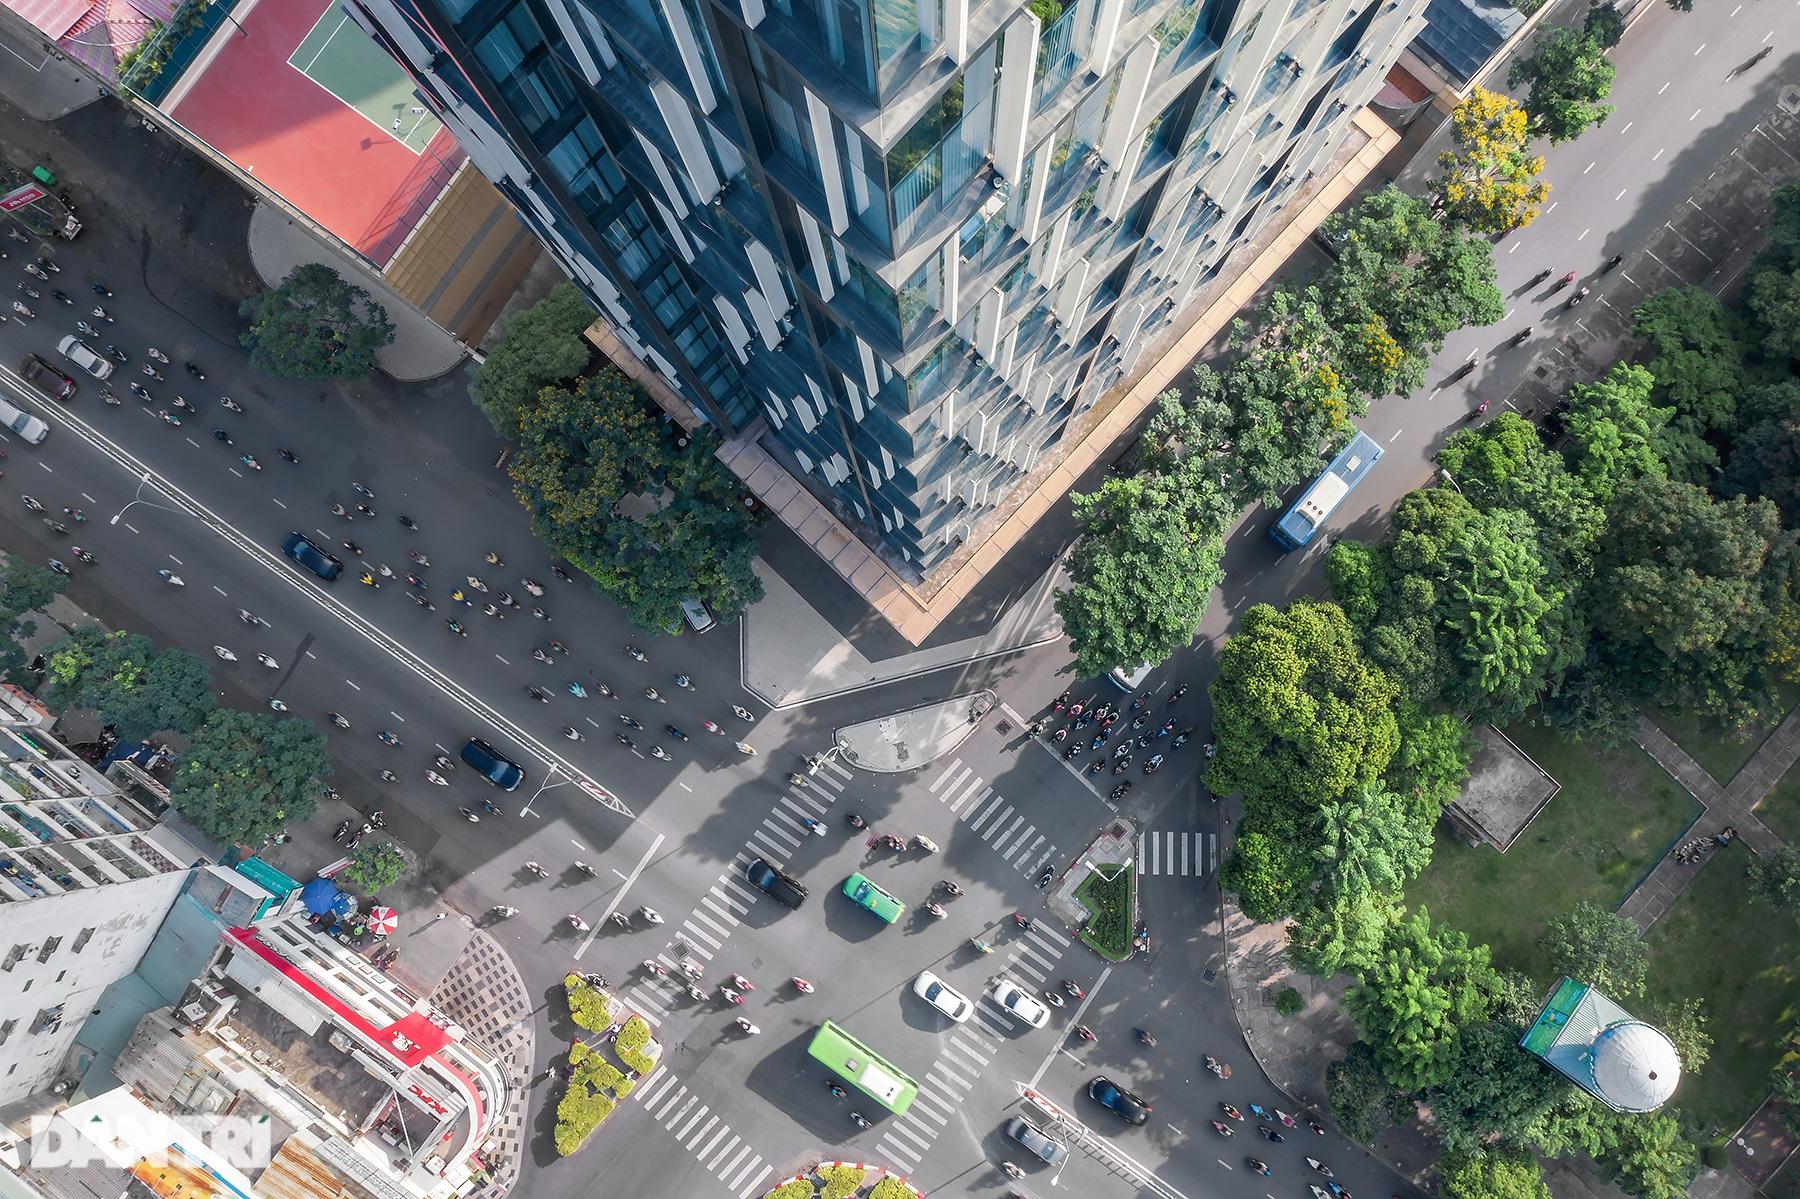 Thành phố Hồ Chí Minh - Vẻ đẹp của một Siêu đô thị hiện đại - 12